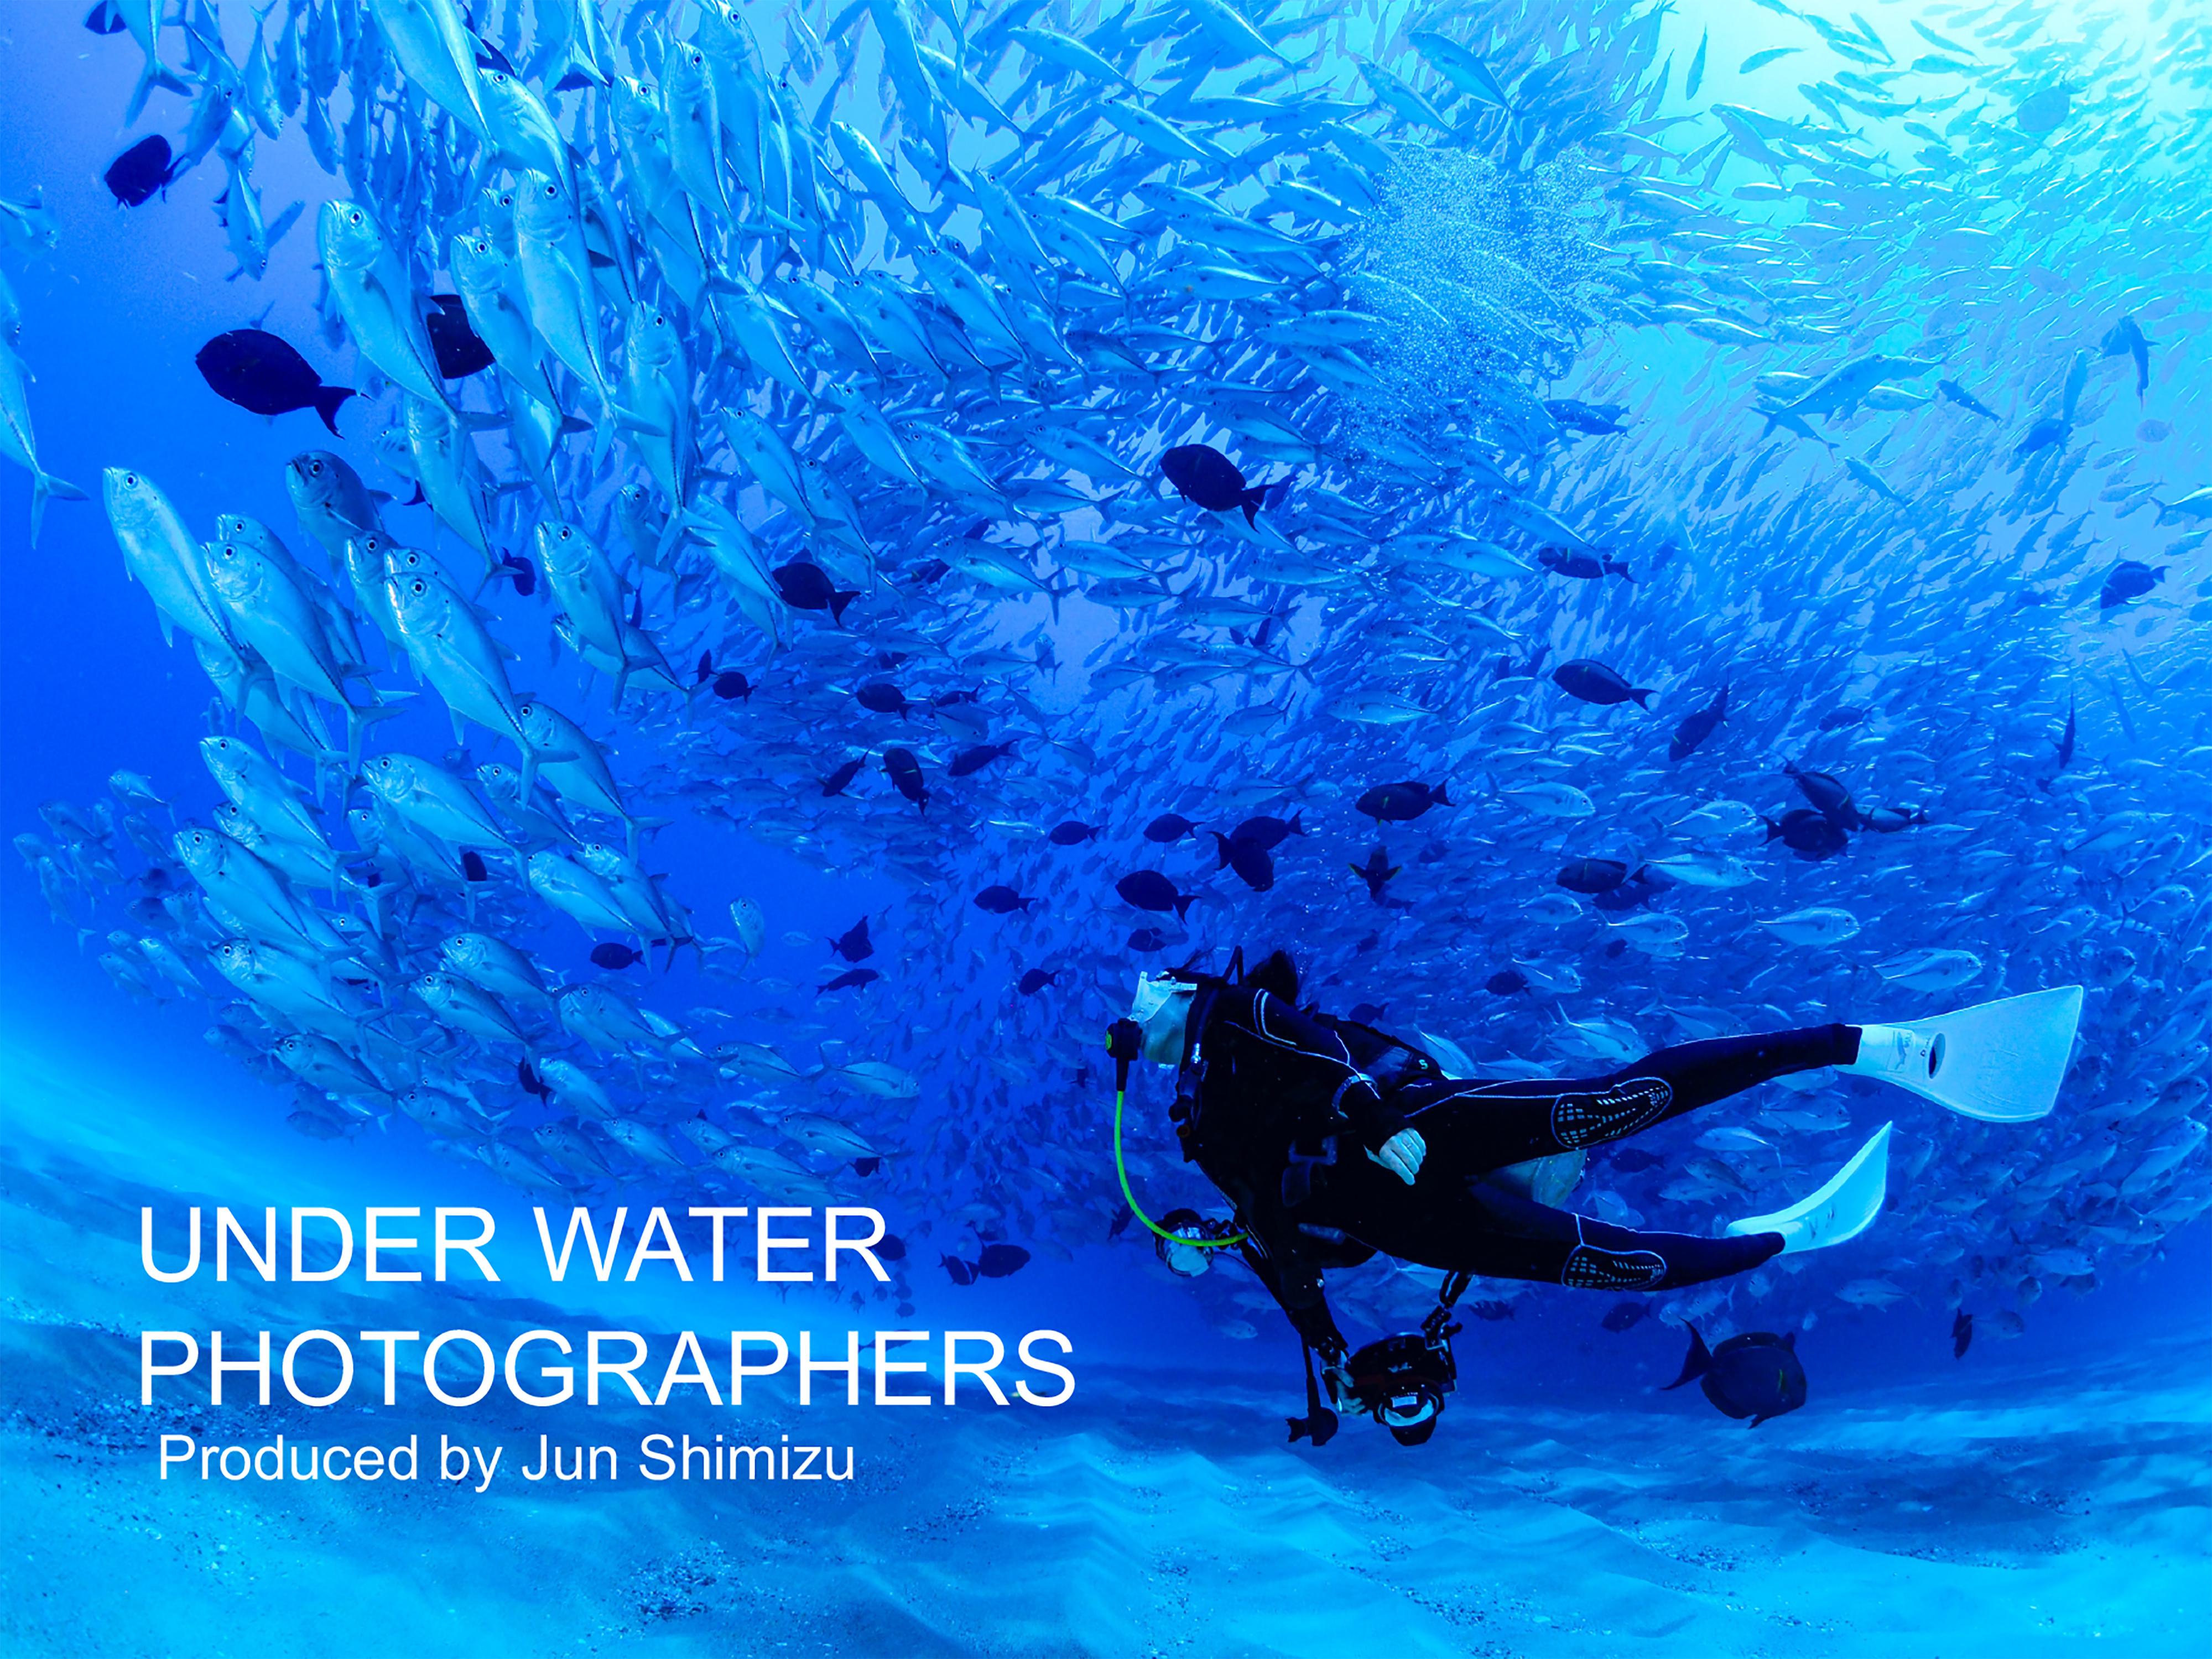 清水淳さん監修の水中写真展3都市で開催